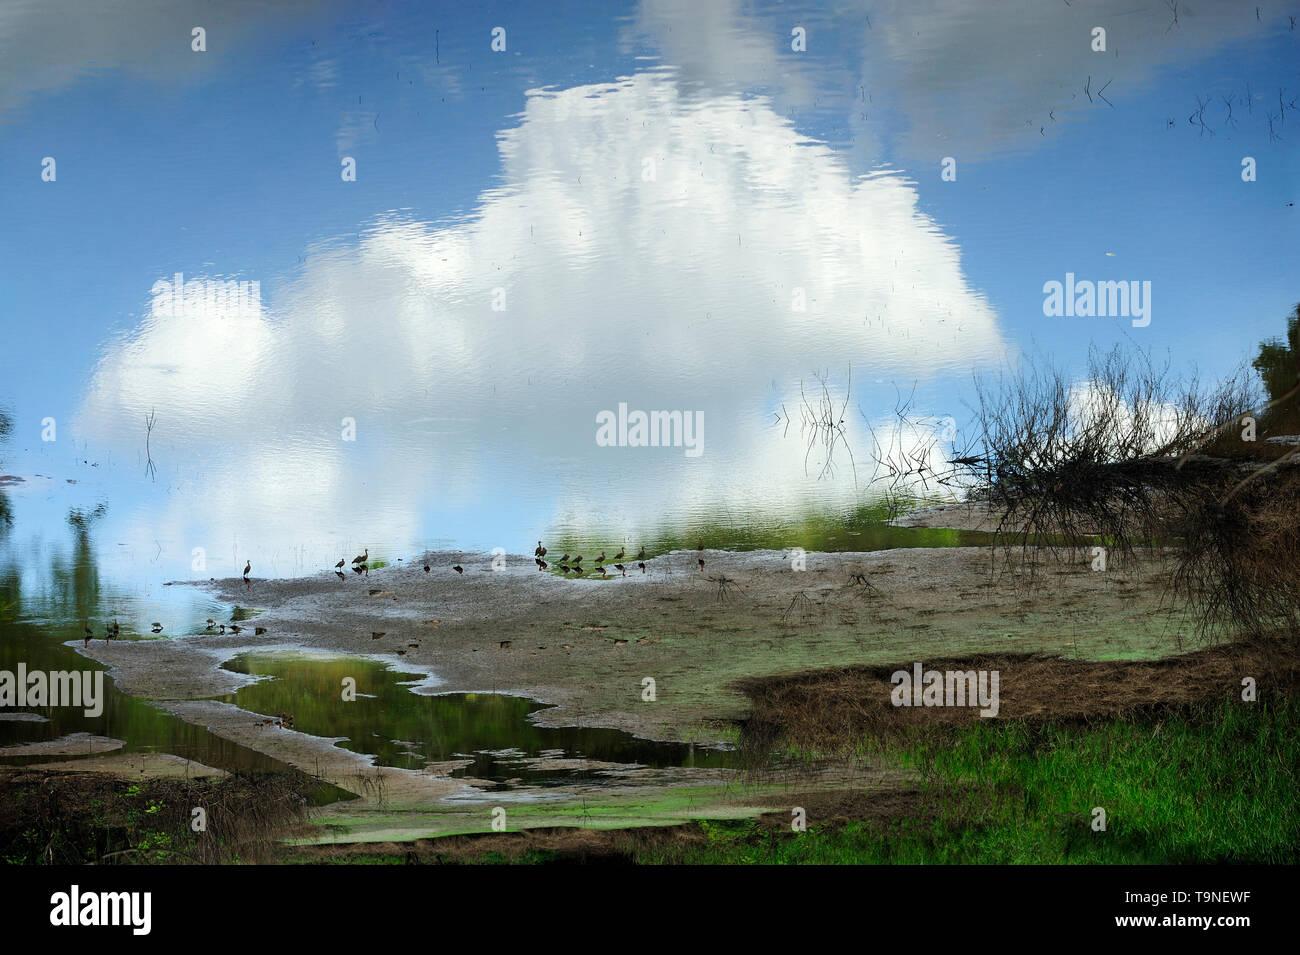 El cielo puede esperar / Parque Nacional Camino de Cruces, Panamá. Immagini Stock